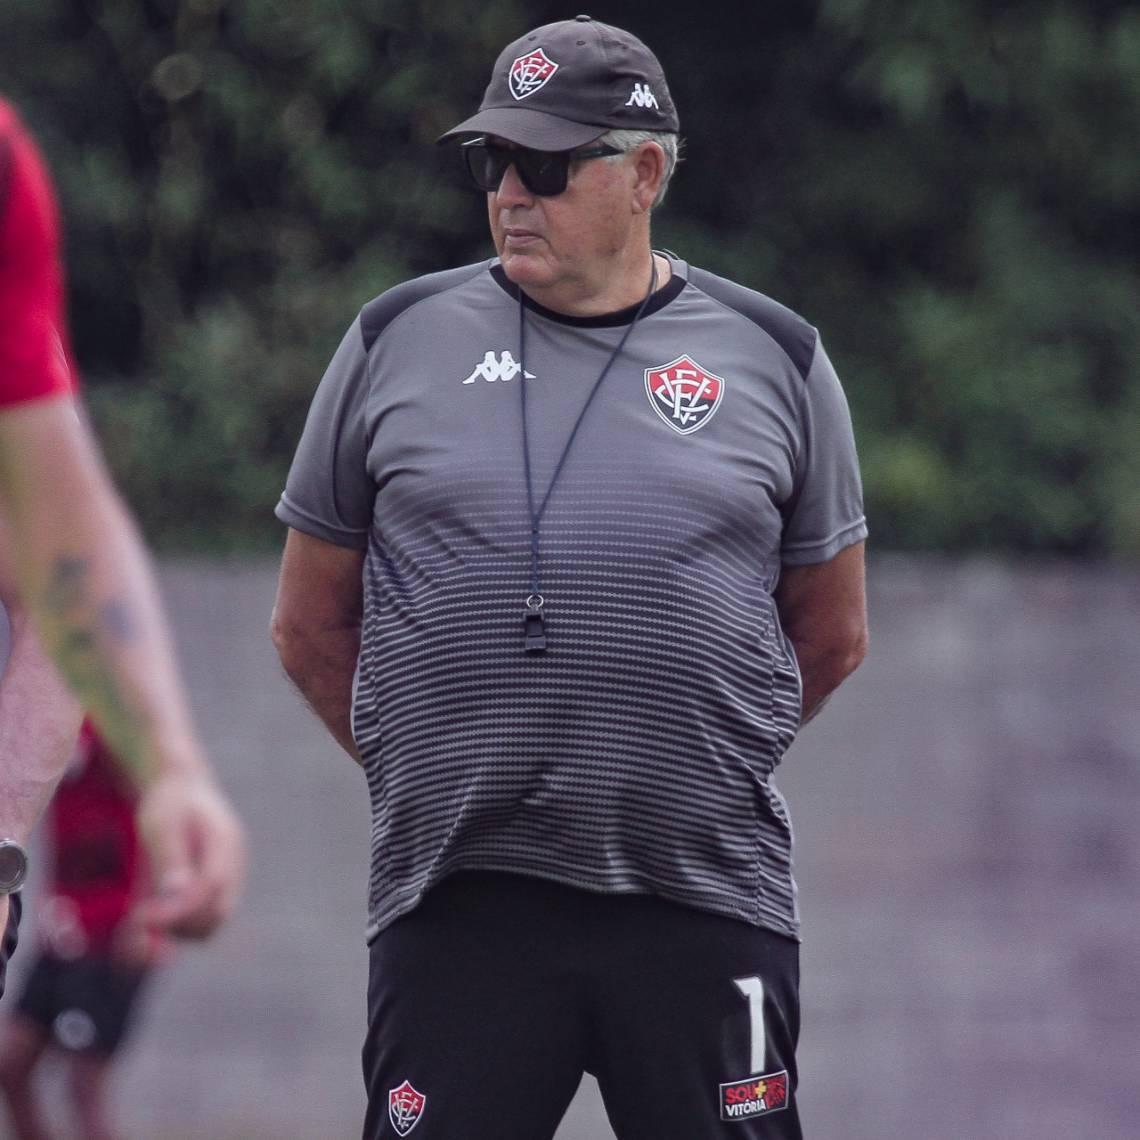 Geninho é o atual treinador do Vitória, próximo adversário do Ceará na Copa do Brasil